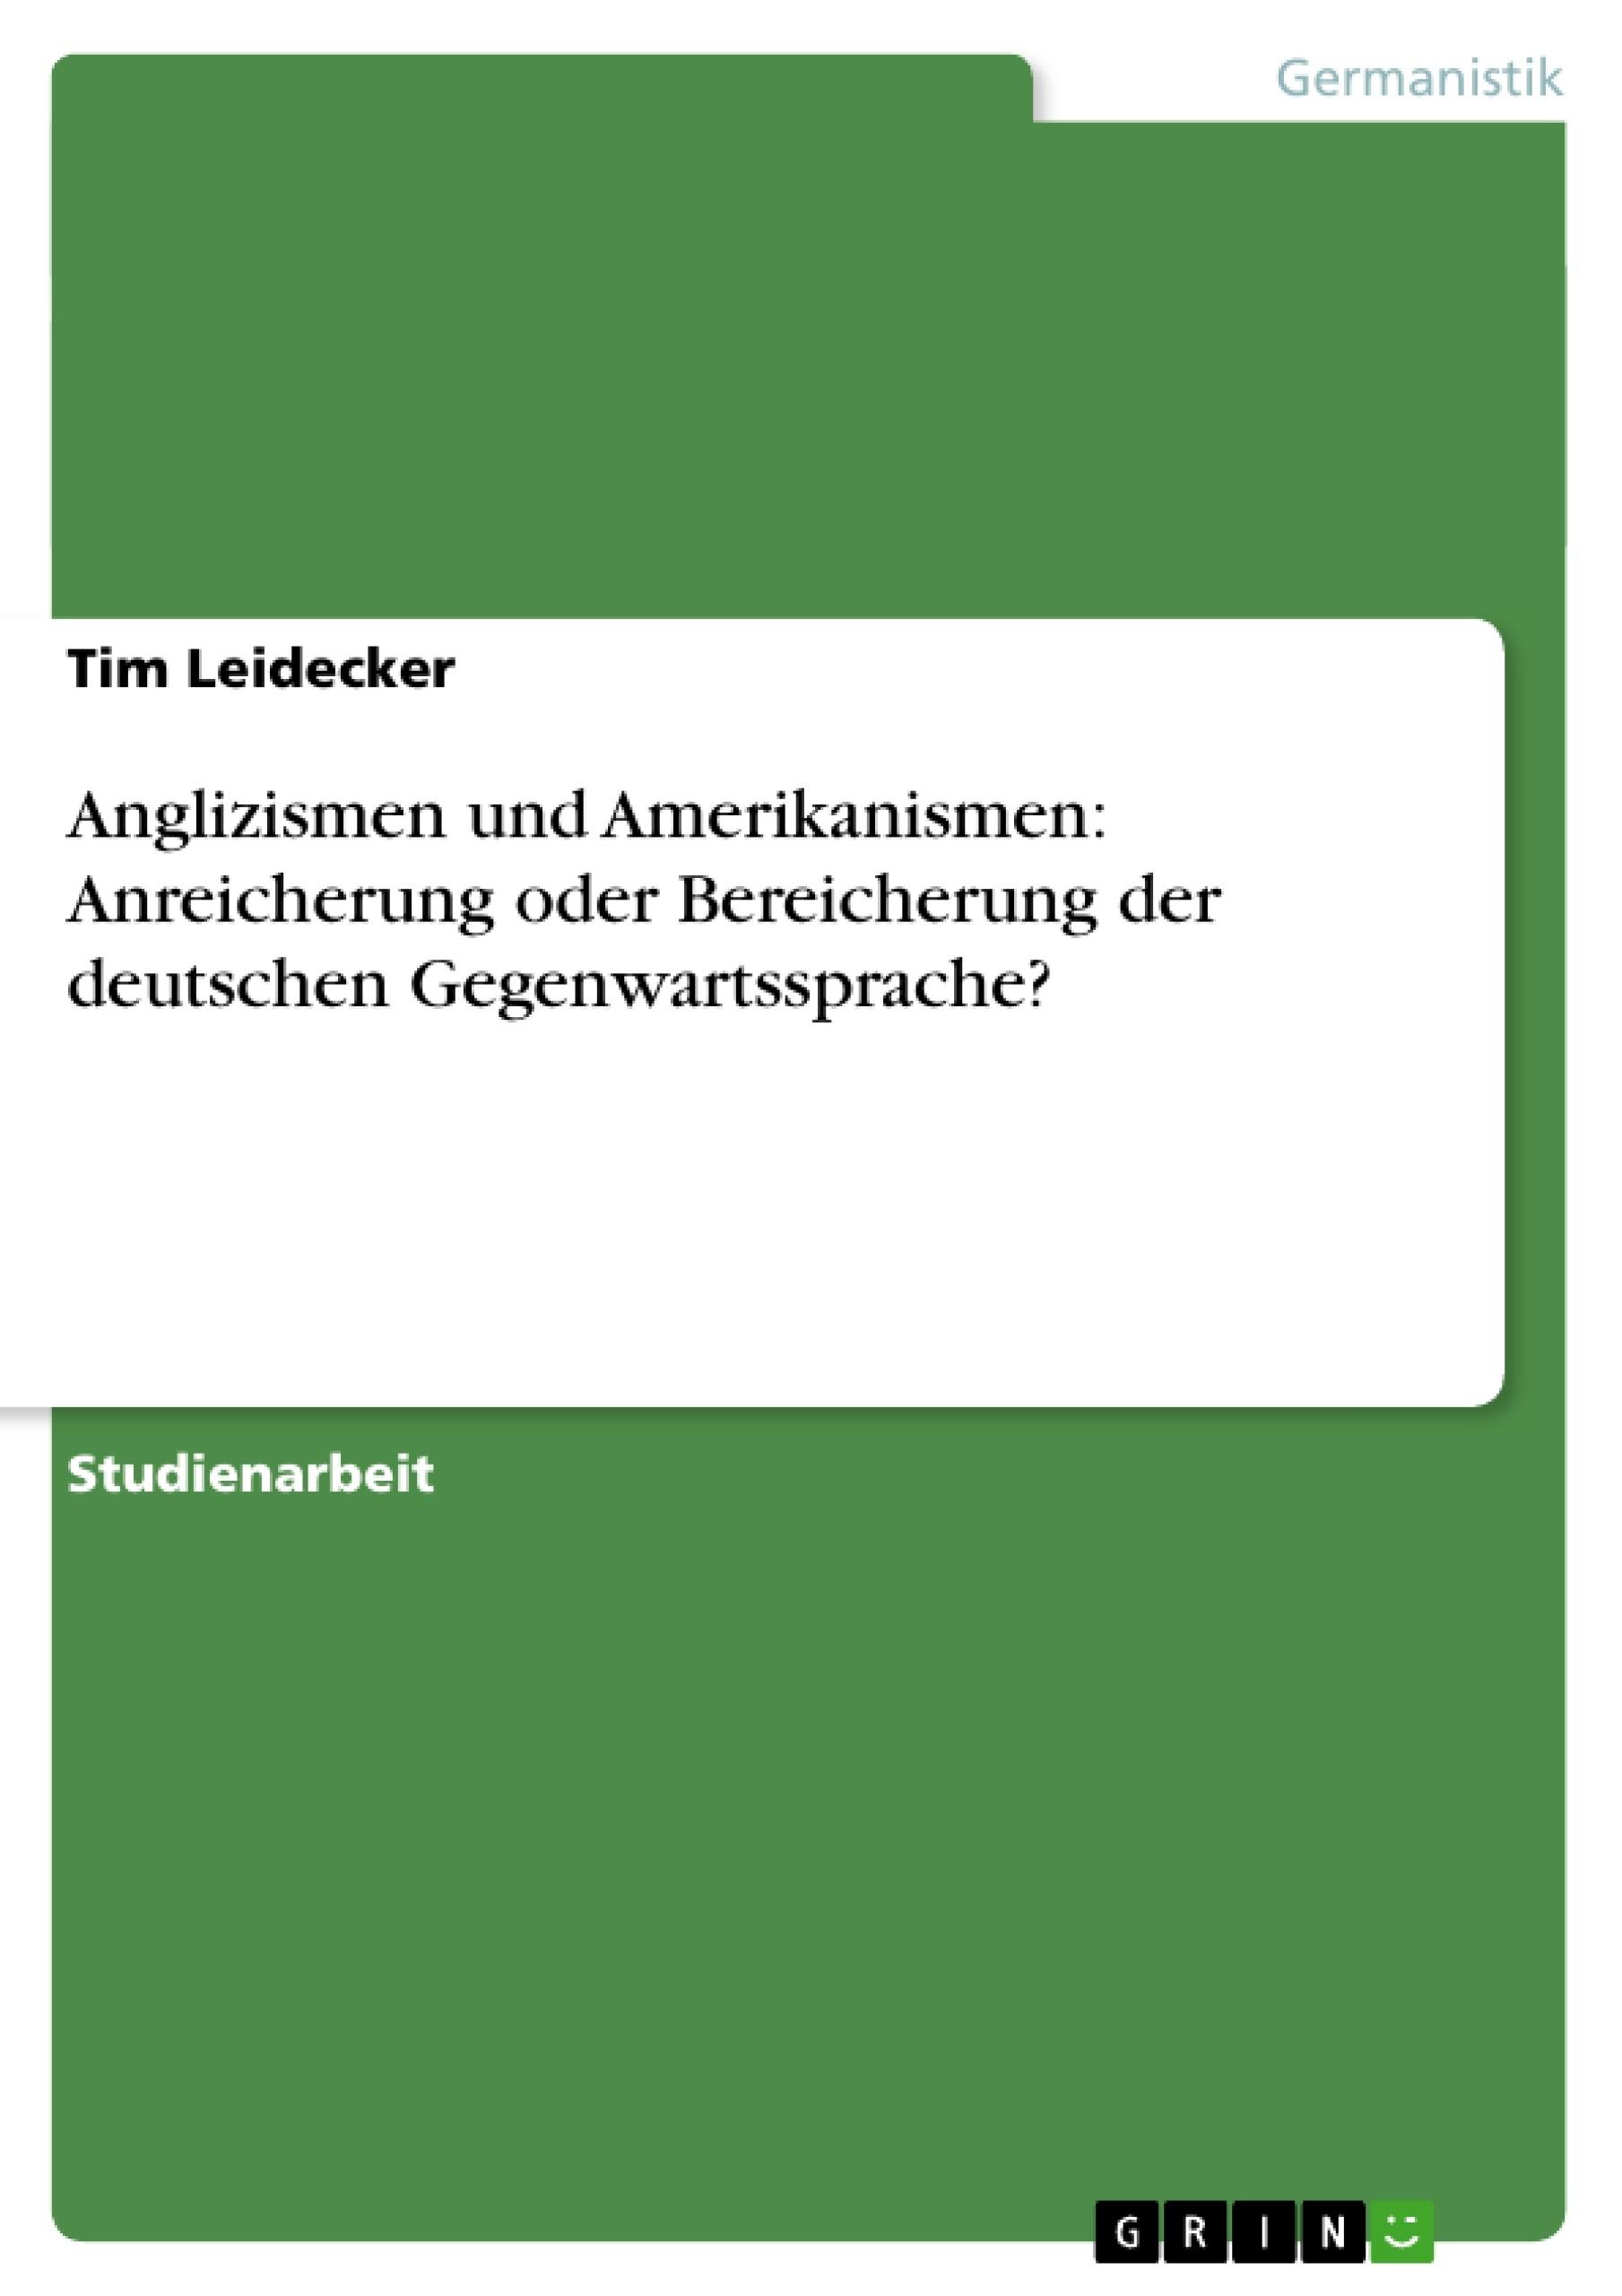 Titel: Anglizismen und Amerikanismen:  Anreicherung  oder  Bereicherung  der deutschen Gegenwartssprache?